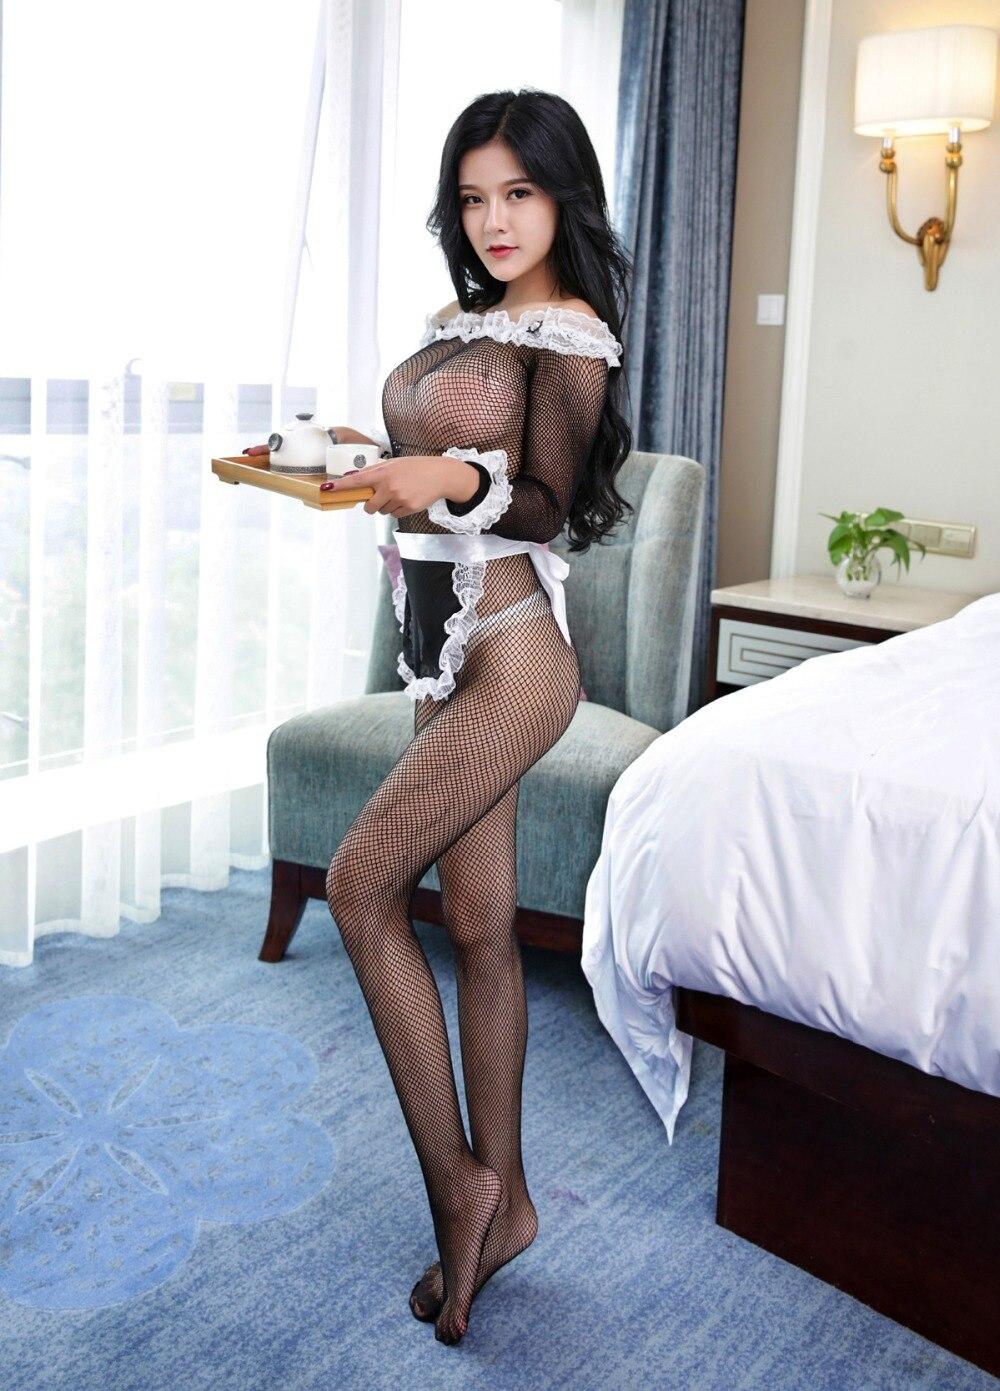 czarna dama film porno japońskie mamuśki sex fotki